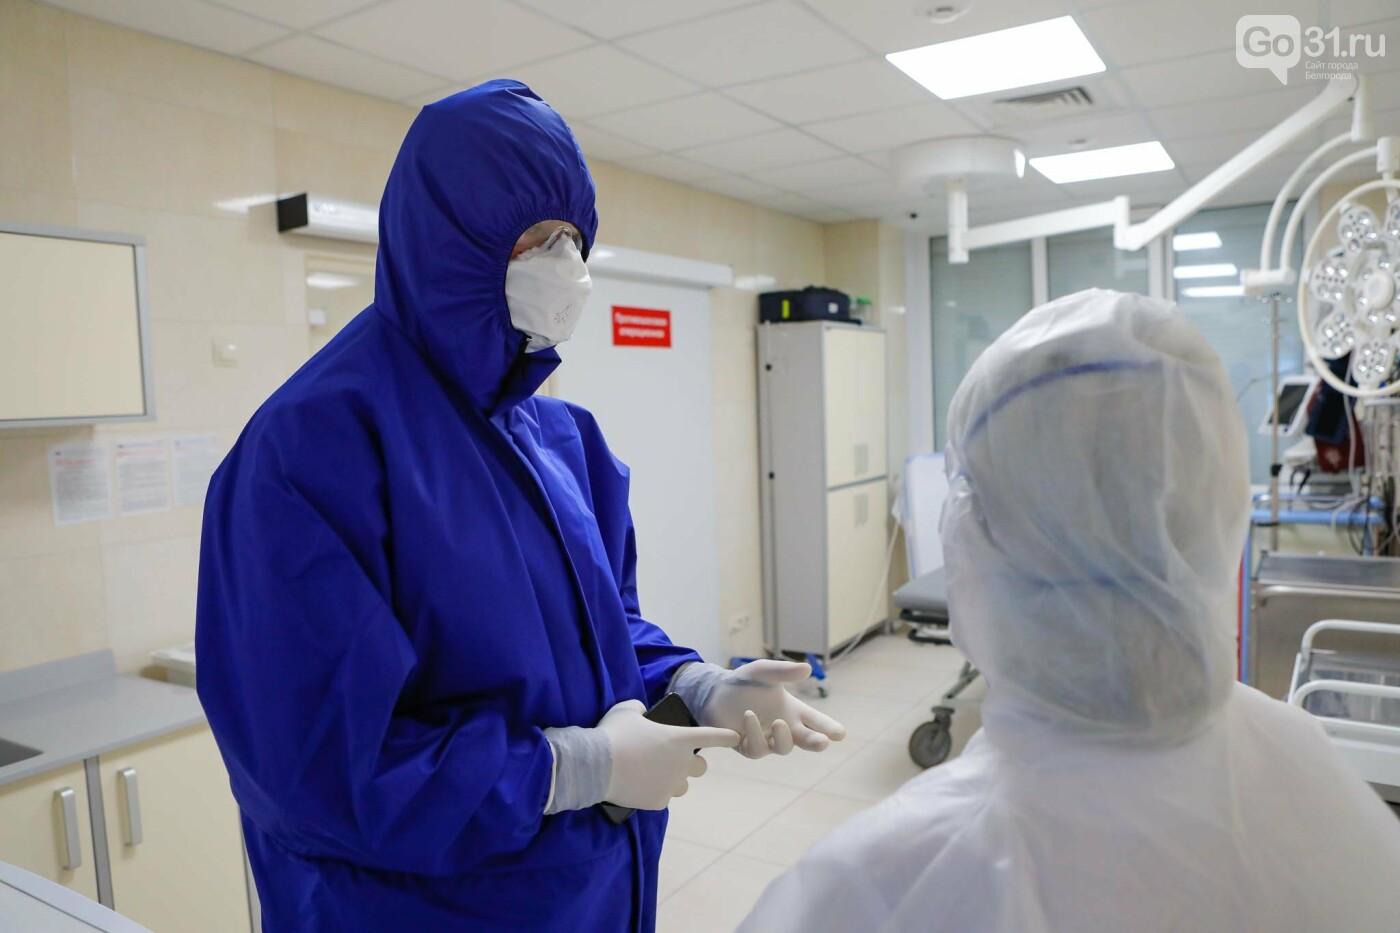 Что происходит в ковид-госпитале Белгорода. Фоторепортаж из «красной» зоны, фото-66, Фото: Антон Вергун